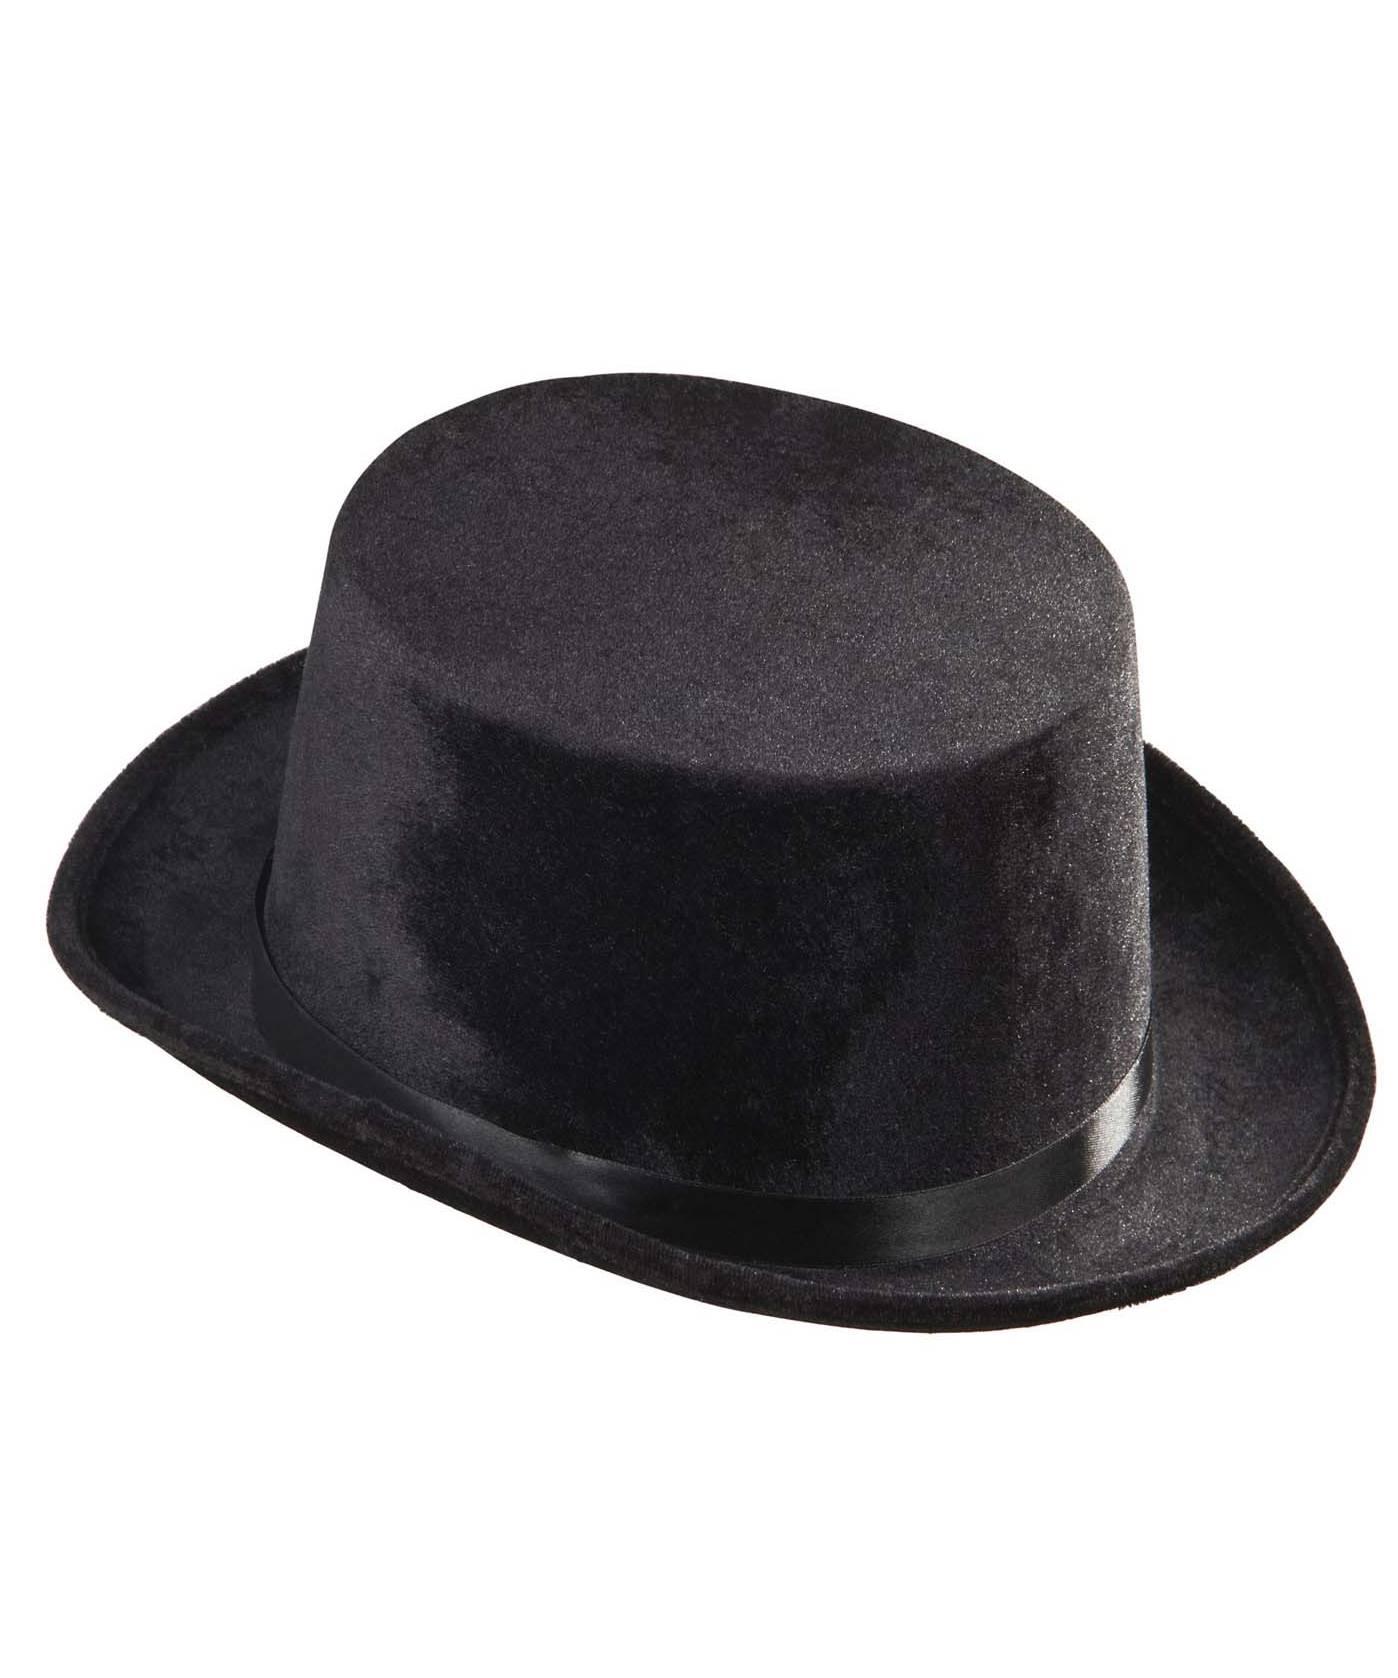 Chapeau-Haut-de-Forme-Noir-M6